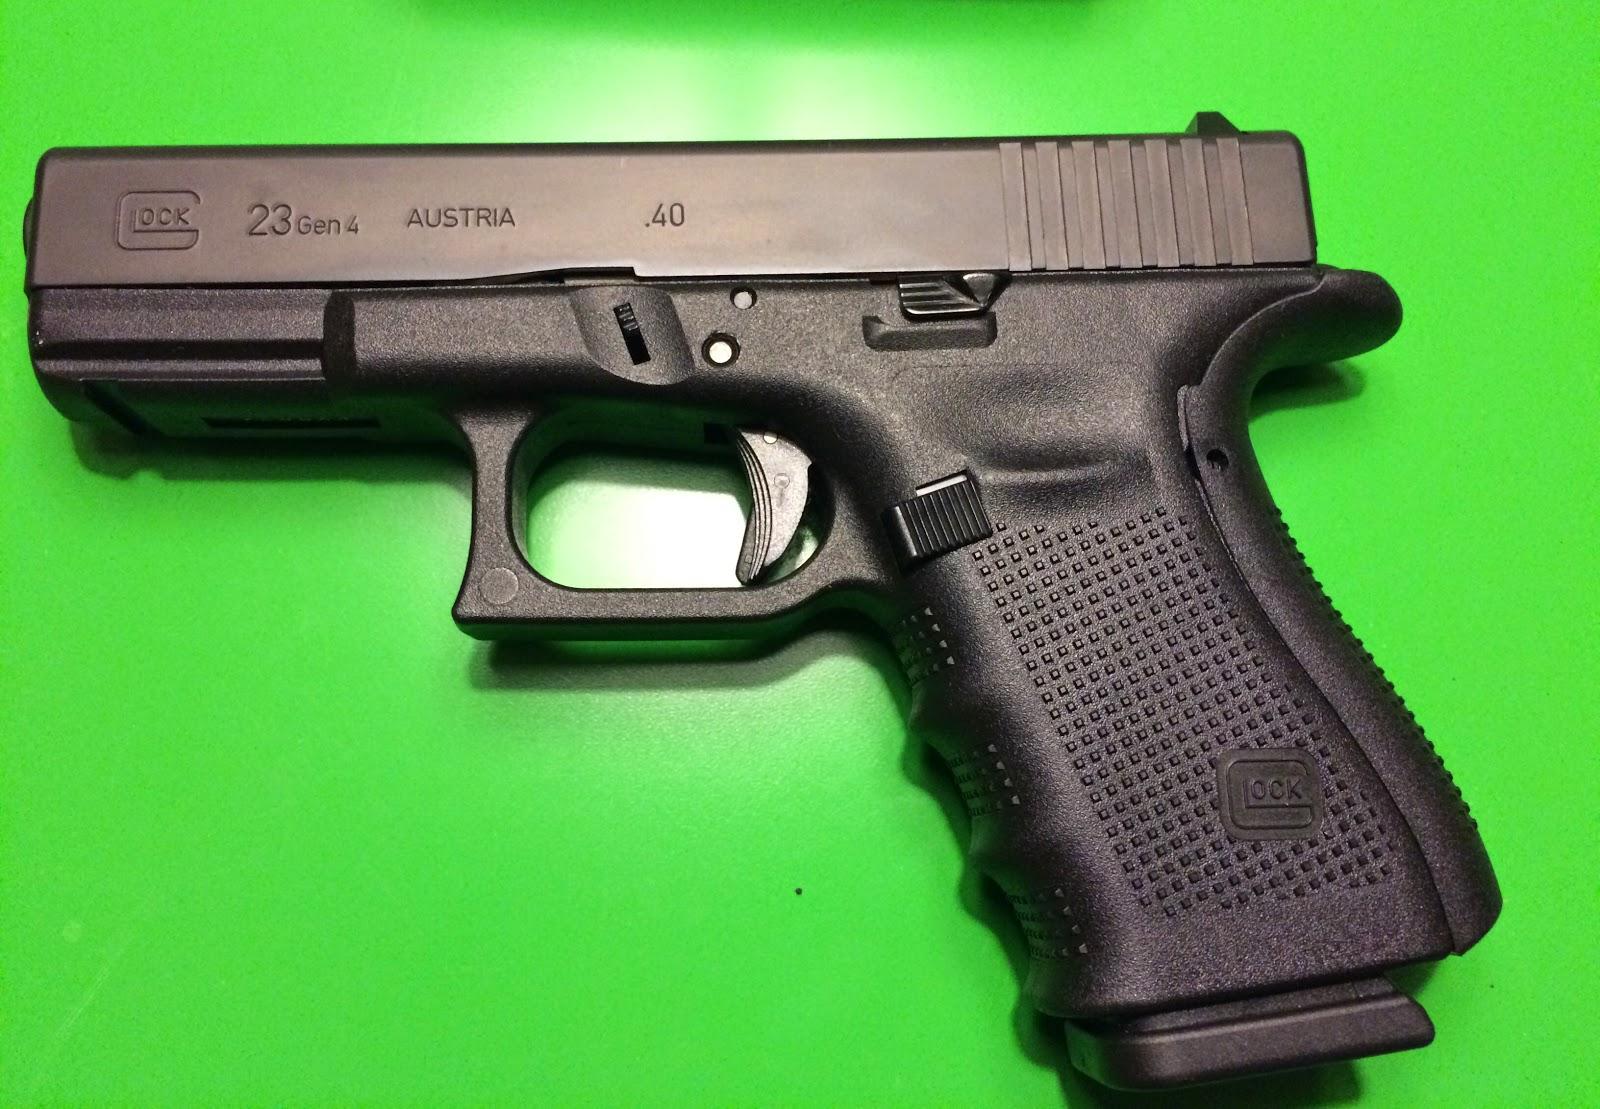 Glock 23 Gen 4 Vs Gen 3 | www.pixshark.com - Images ...